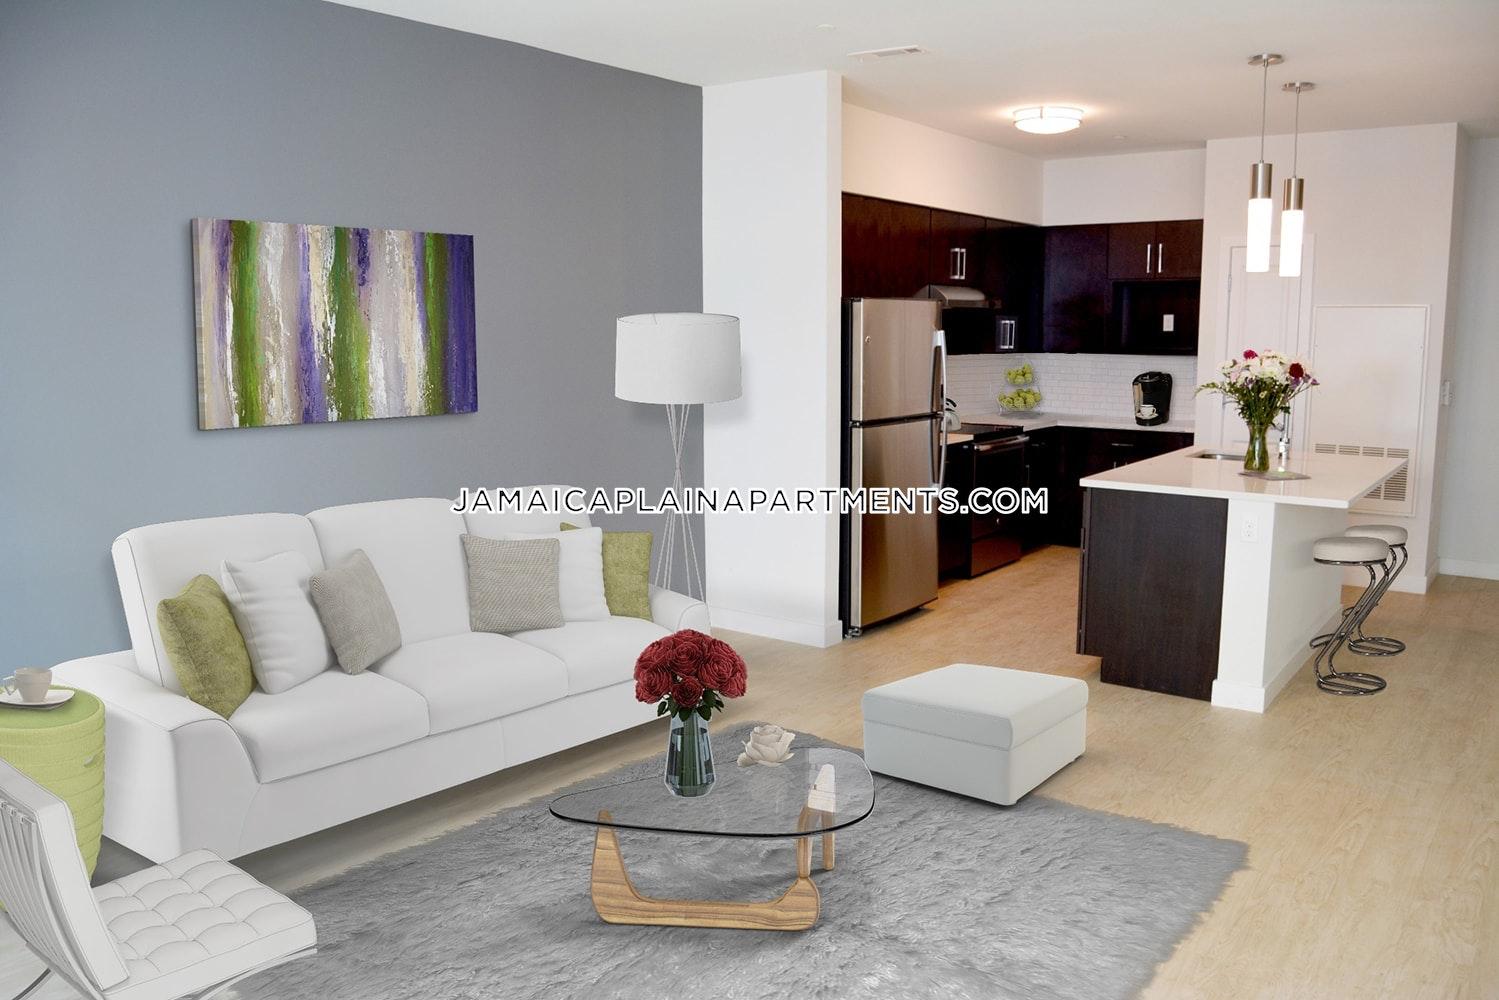 Studio Apartment Jamaica Plain unique studio apartment jamaica plain and decorating